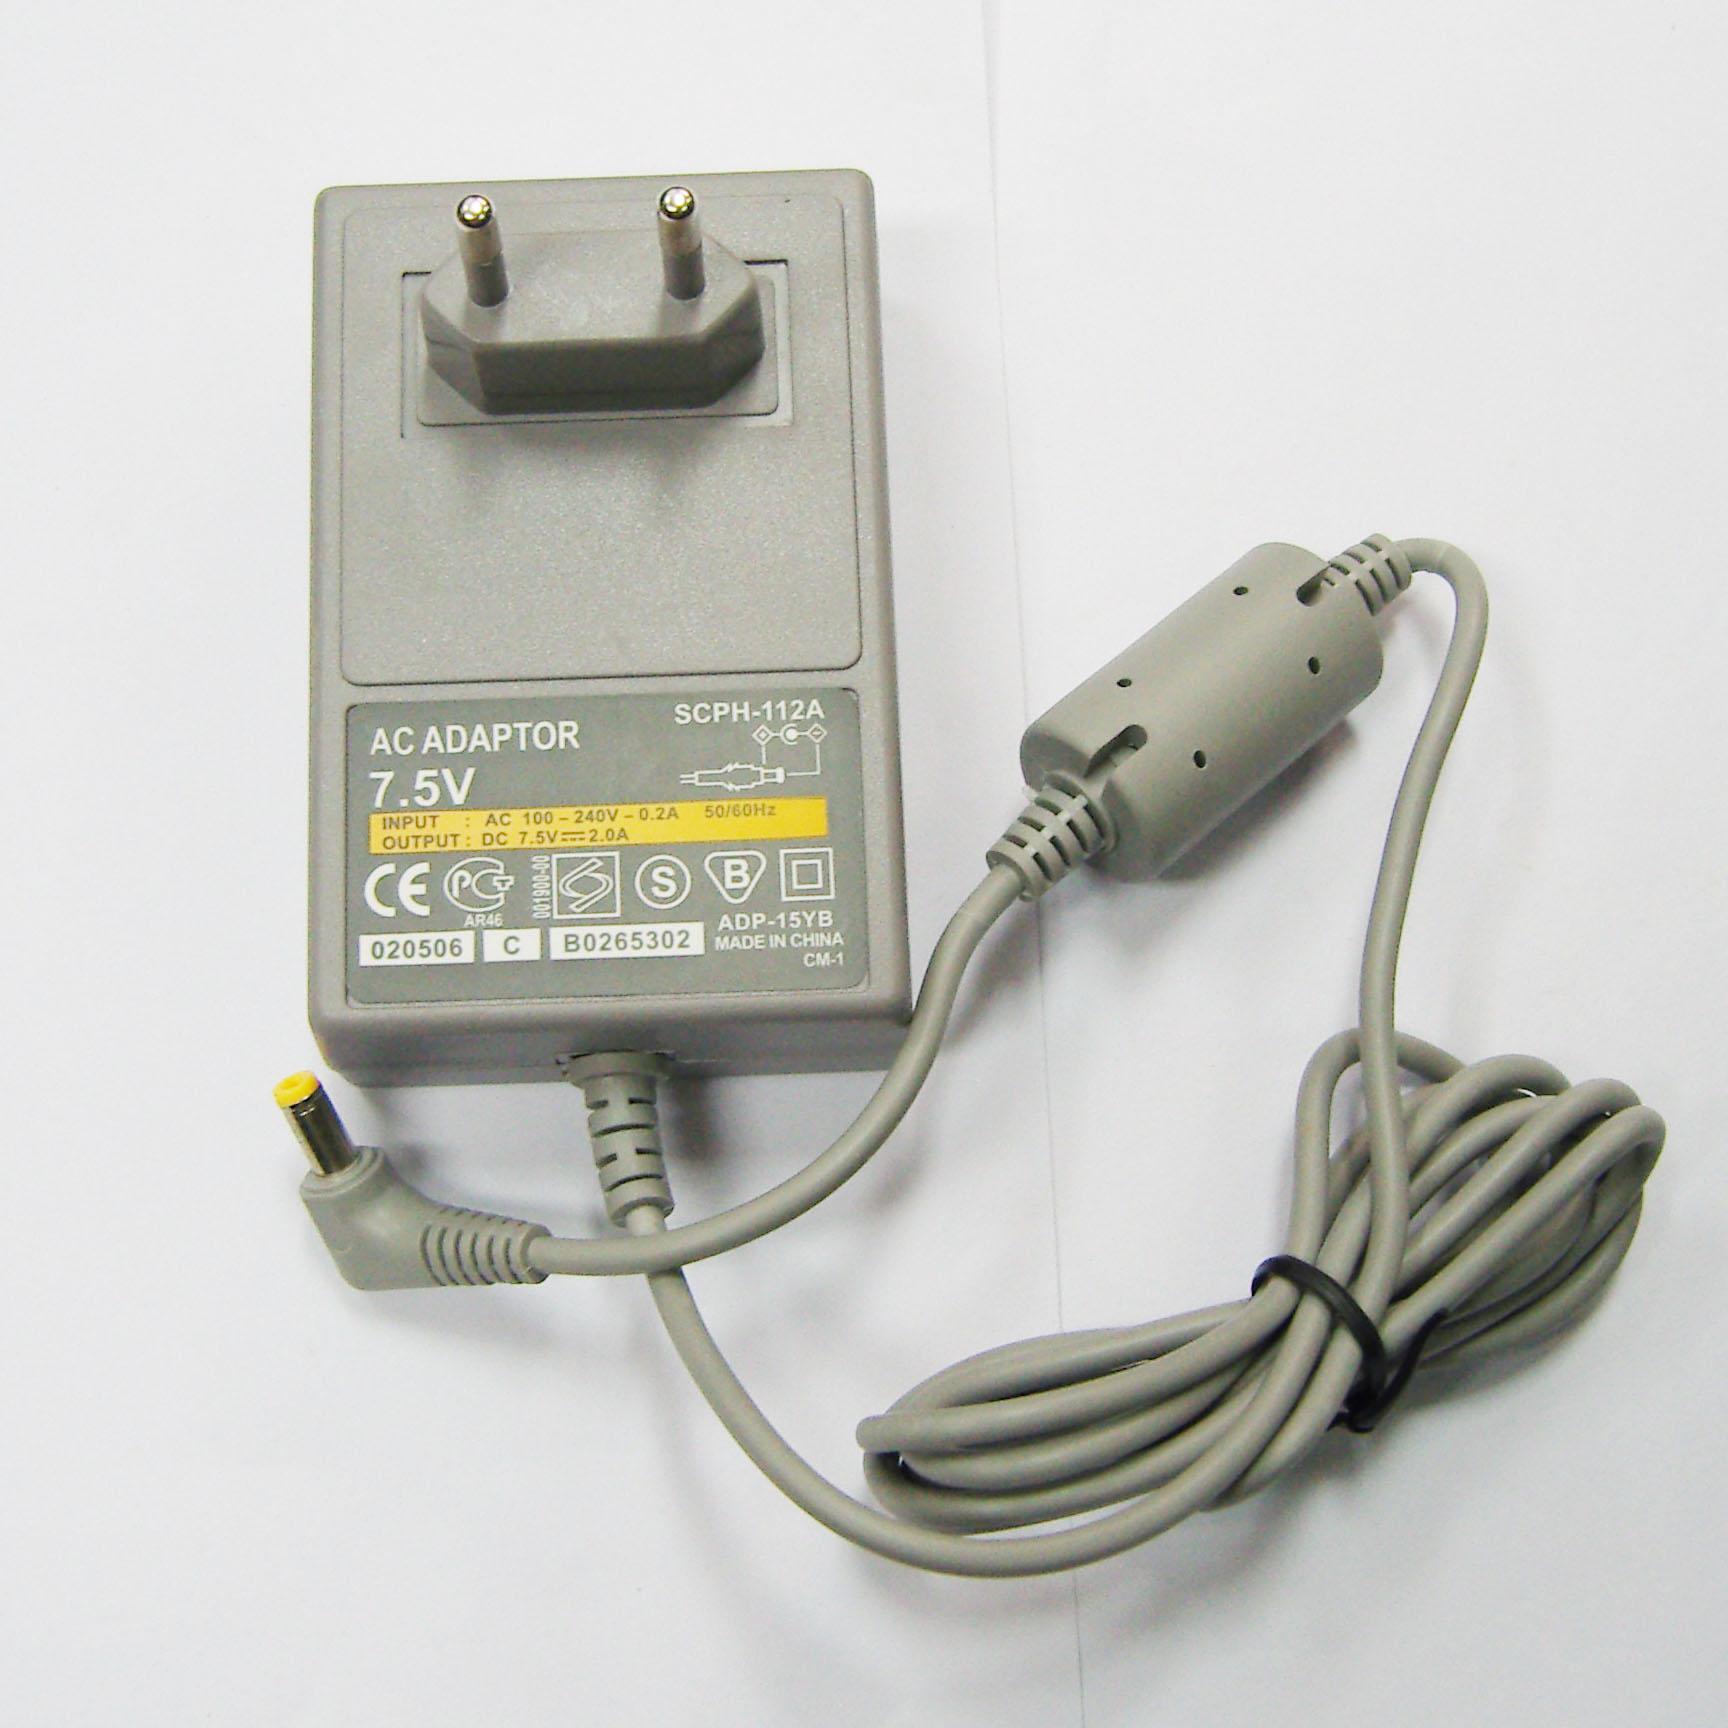 6 юаней почты PS1 7.5V питания PS1 трансформатор PS1 трансформатор, PS1 питания